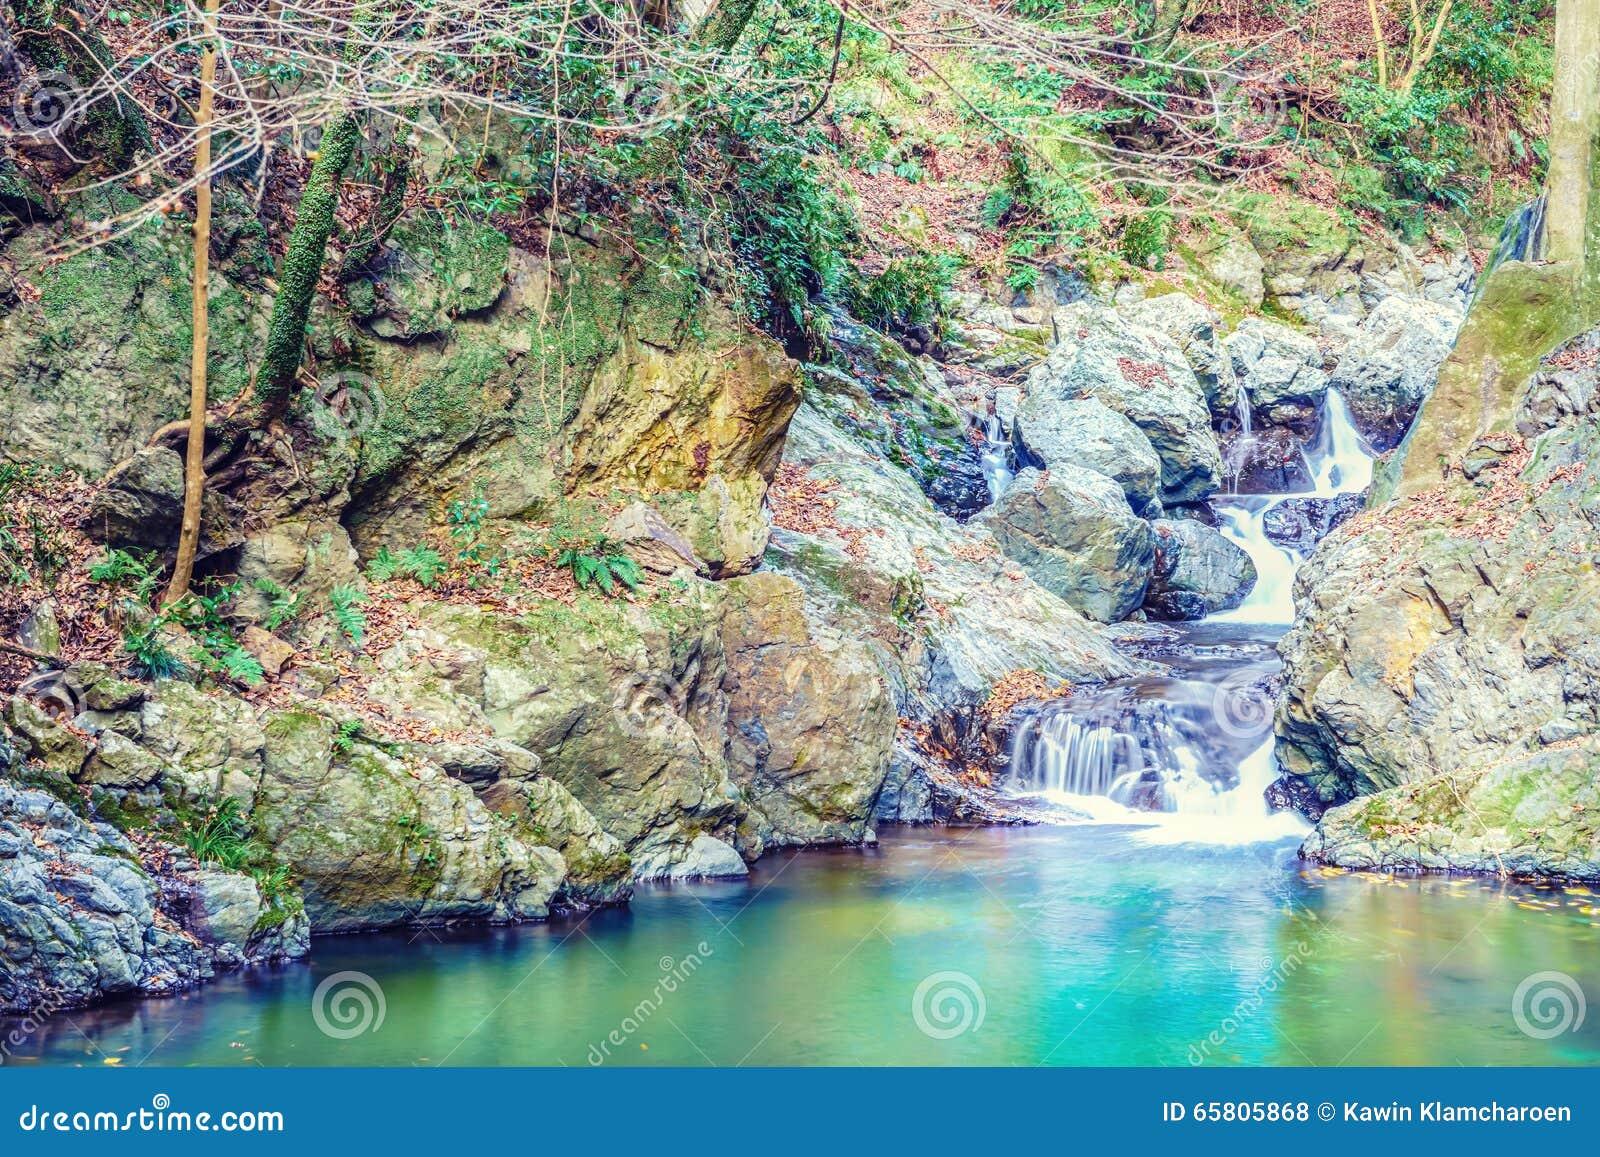 Der Llittle-Wasserfall im Minoo-Park, Osaka, Japan